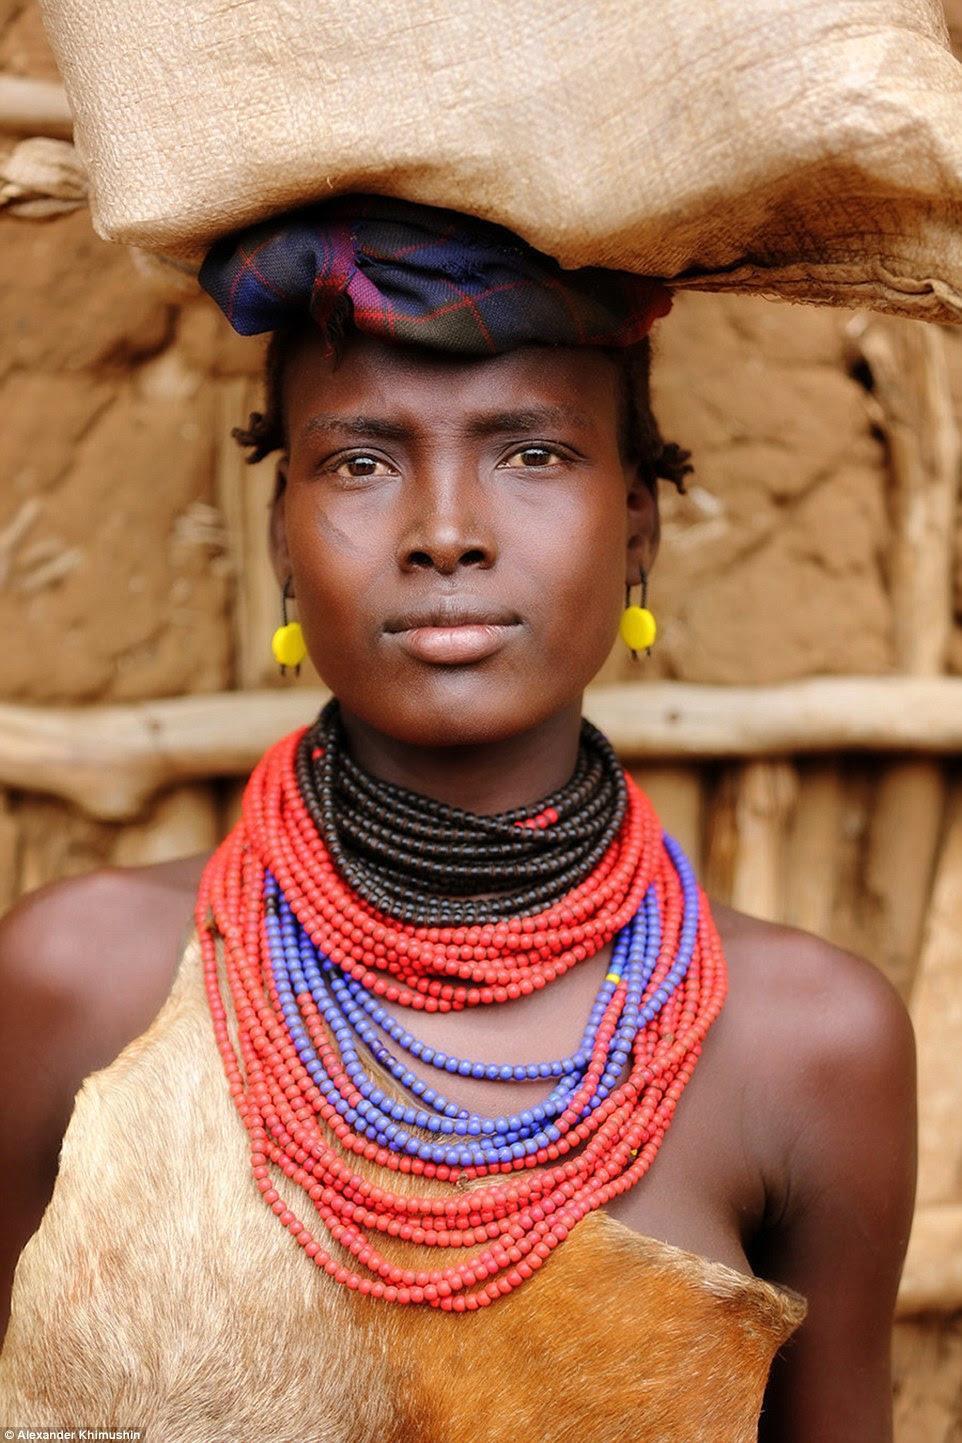 Uma menina tribo Daasanach vestindo um top de peles de animais e um colar de uma série de contas vermelhas, azul e preto carrega um pacote em sua cabeça